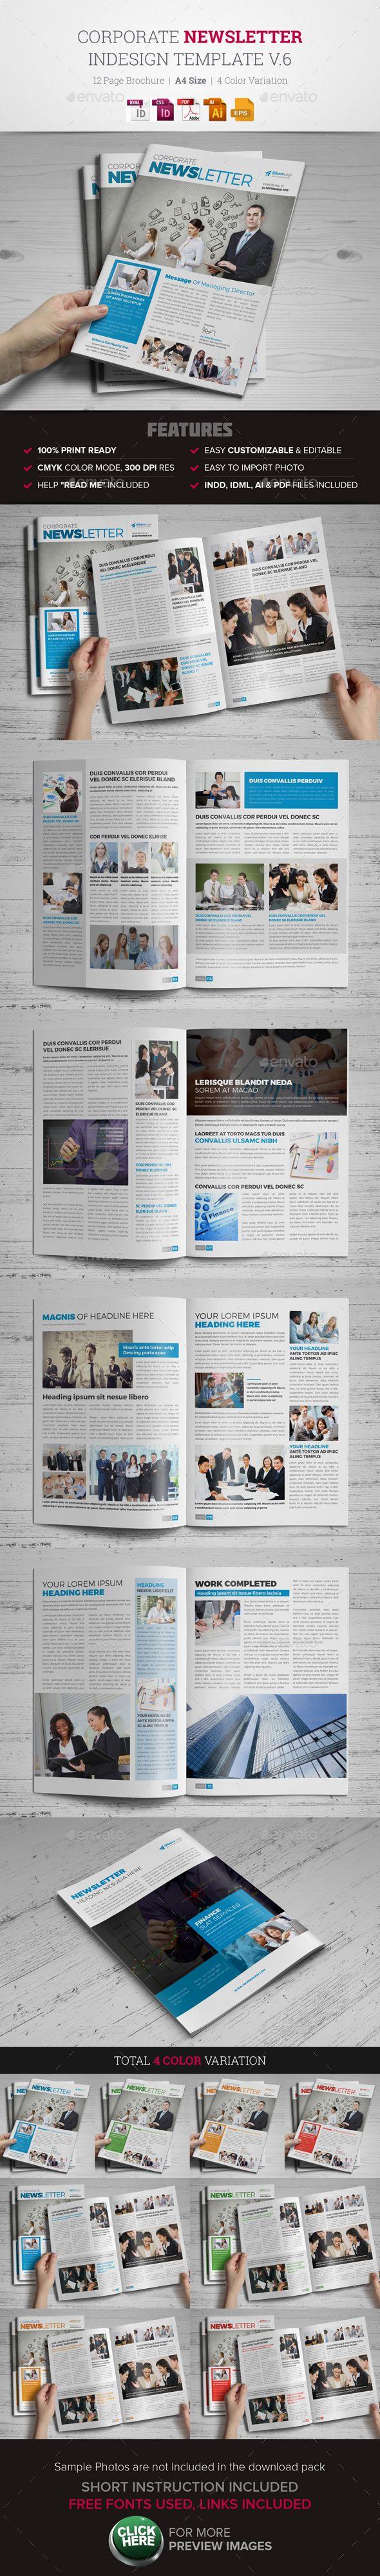 Newsletter Template EPS, AI, InDesign INDD #design Download: http://graphicriver.net/item/newsletter-indesign-template-v6-/13470796?ref=ksioks